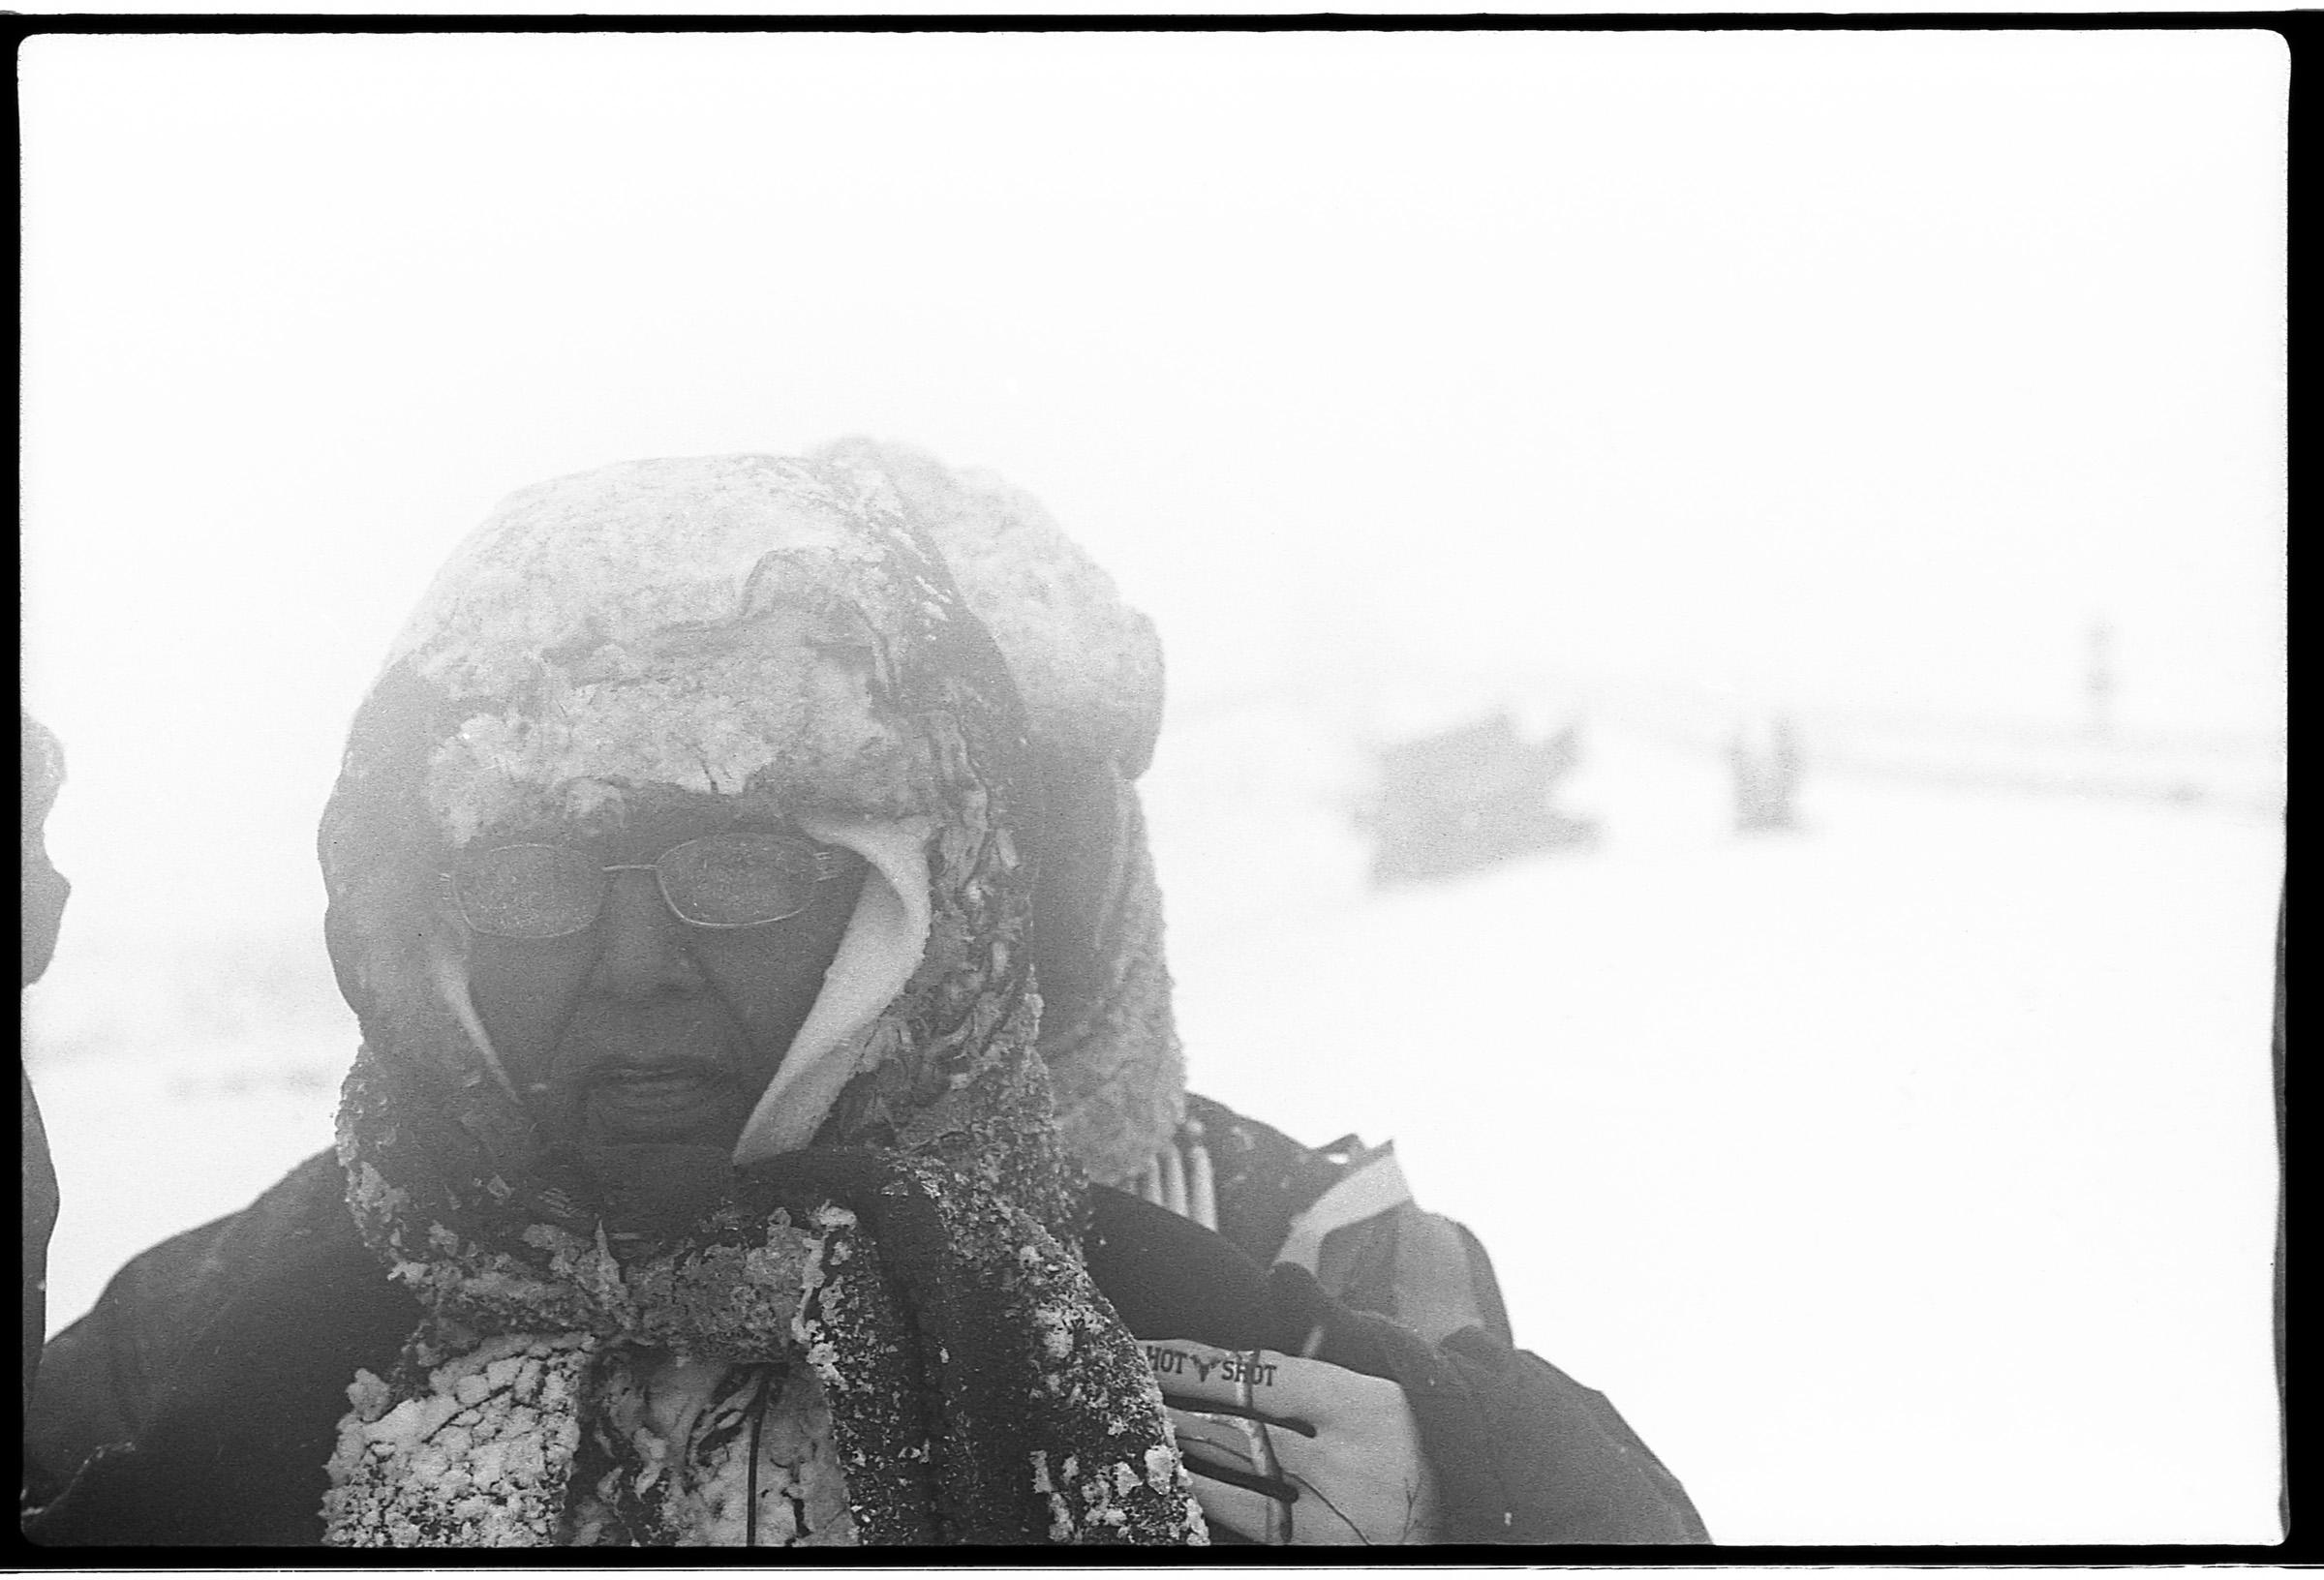 Standing Rock063 as Smart Object-1.jpg